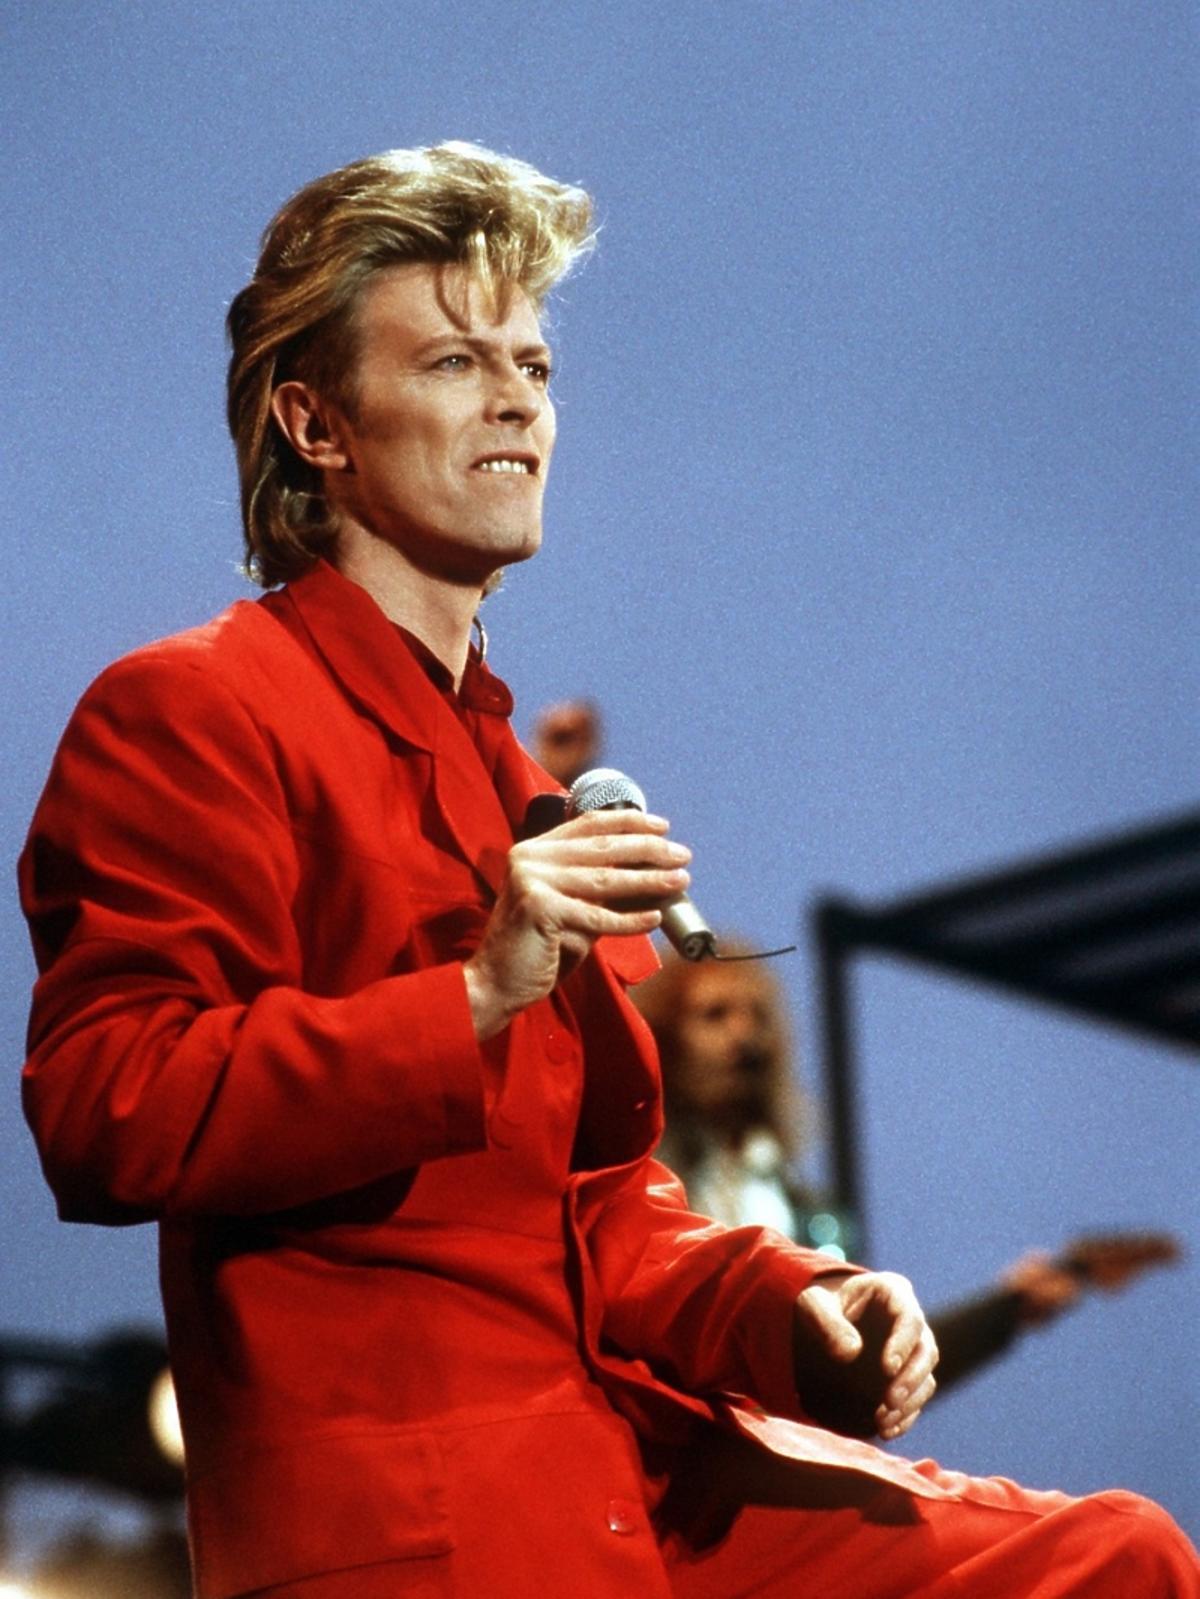 David Bowie w czerwonym garniturze